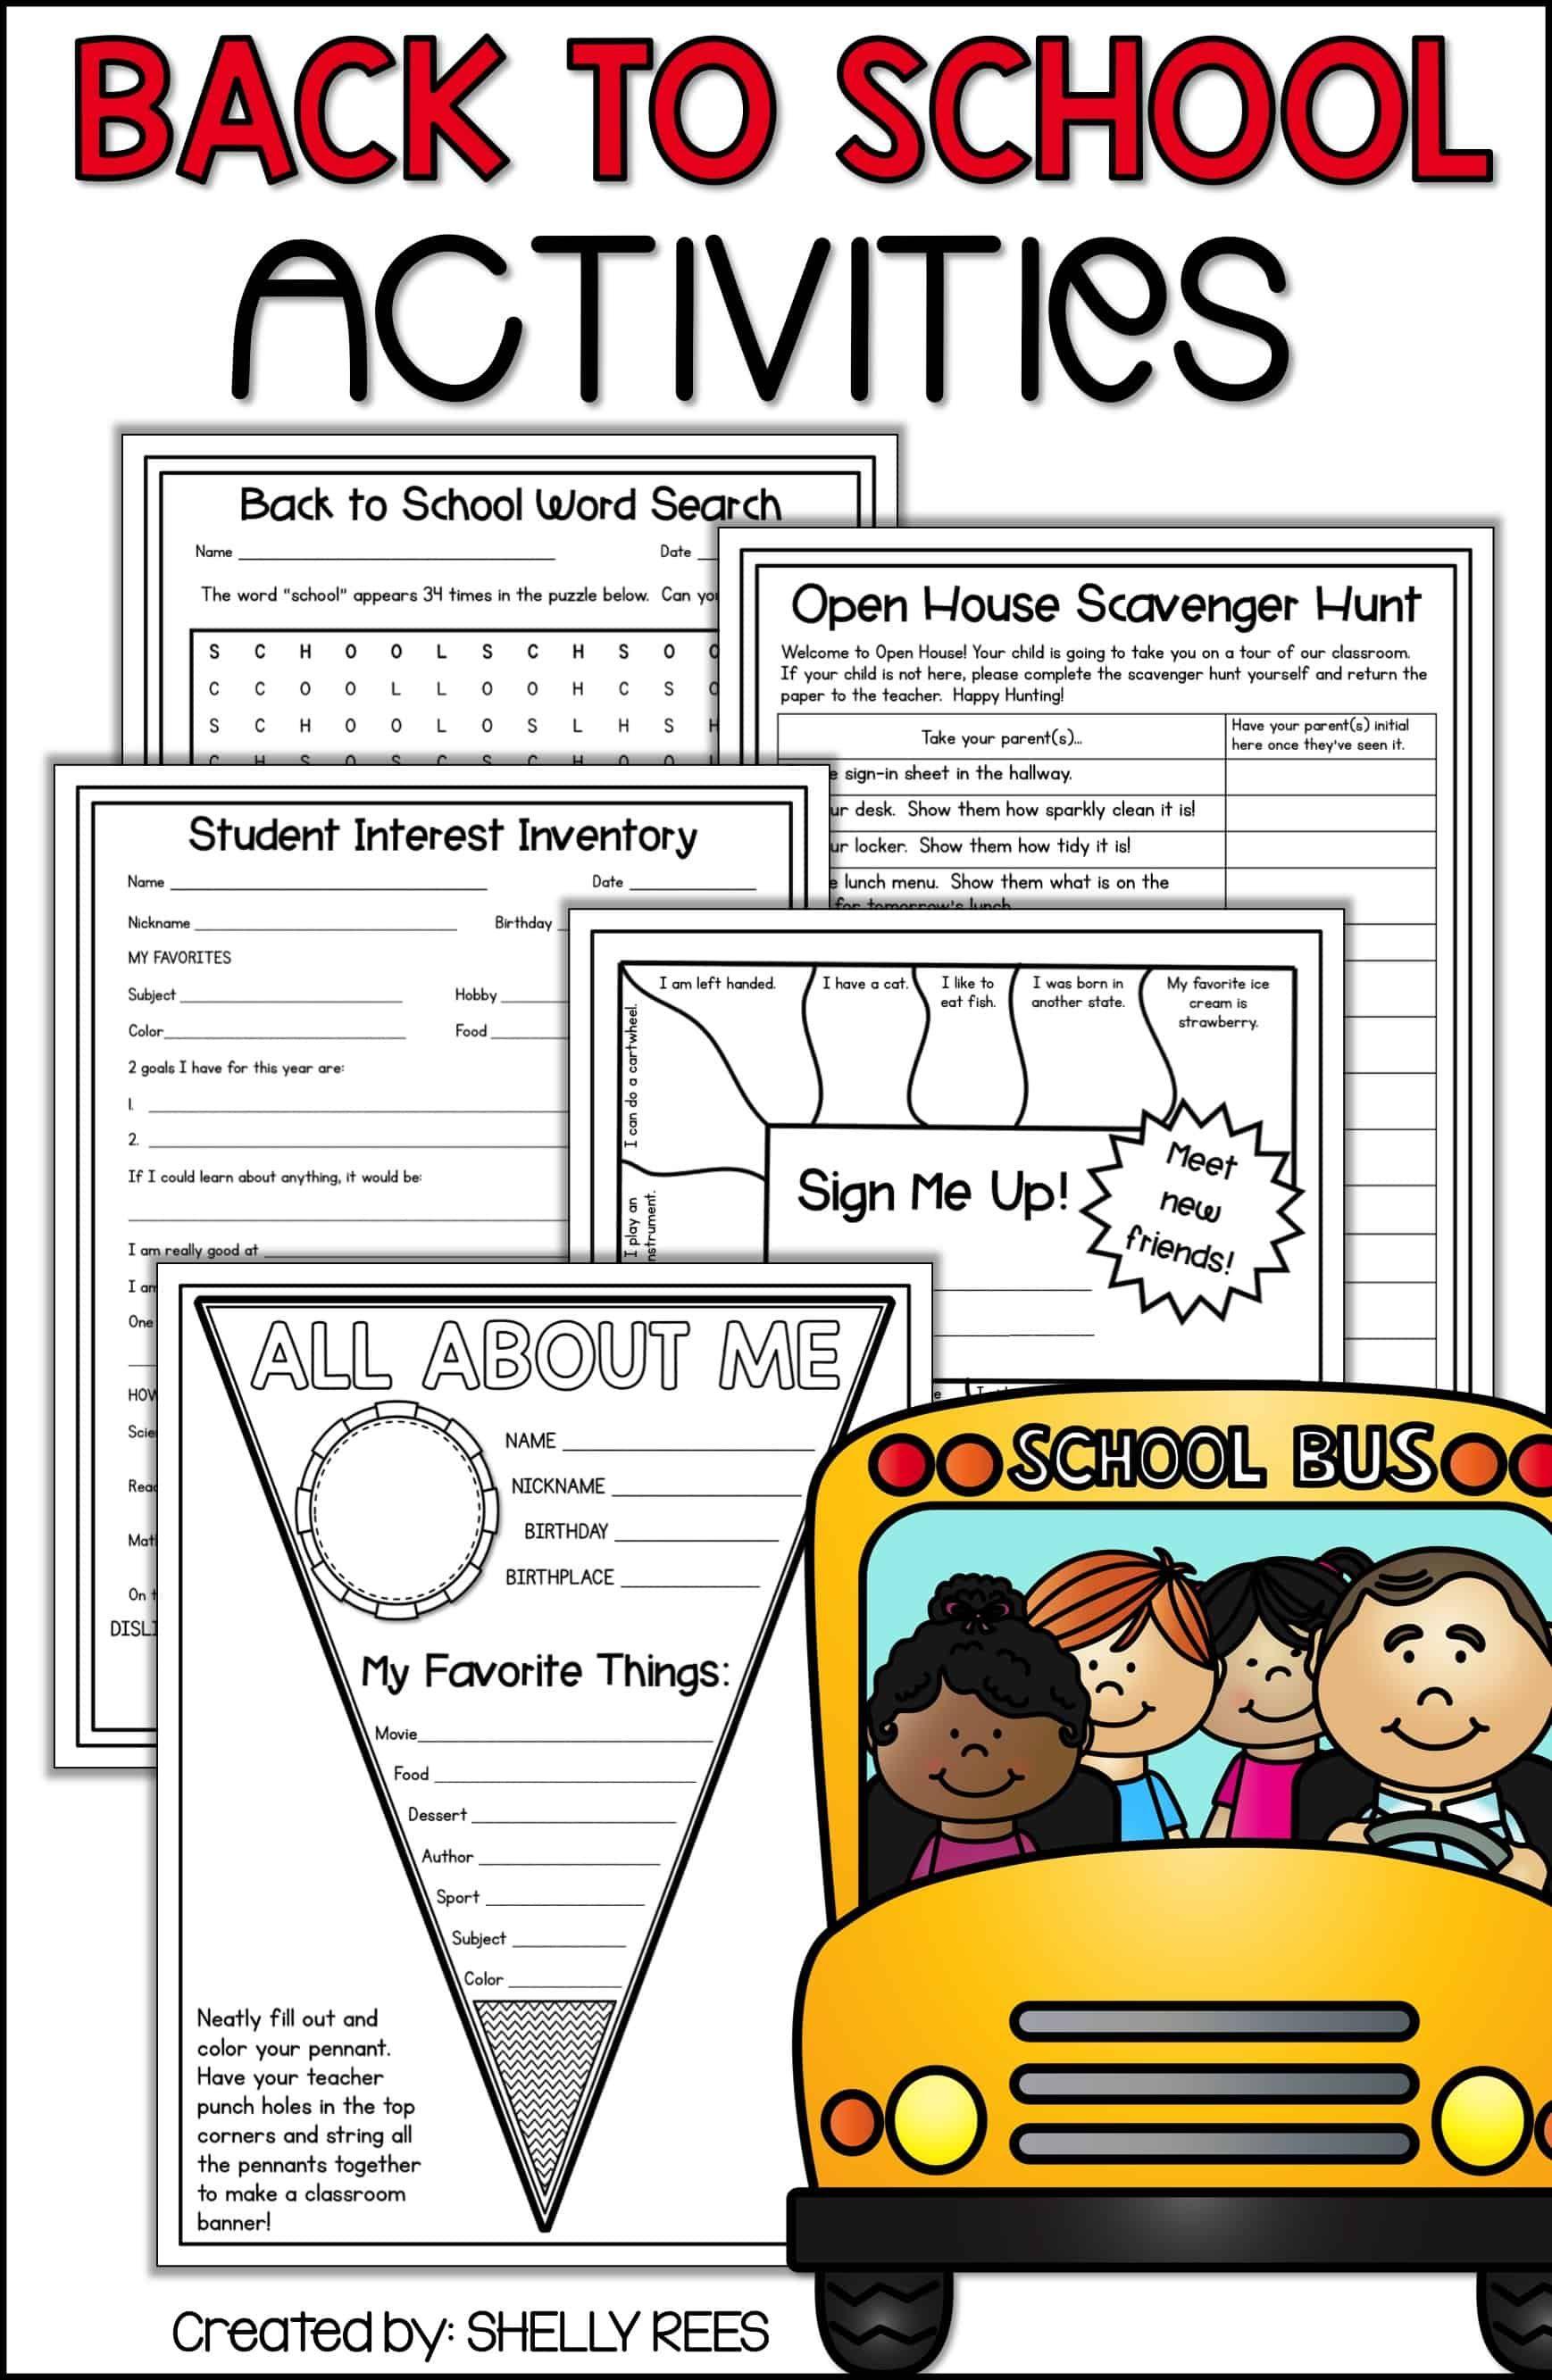 Back to School Activities for Elementary Teachers - Appletastic Learning    Back to school activities [ 2666 x 1738 Pixel ]